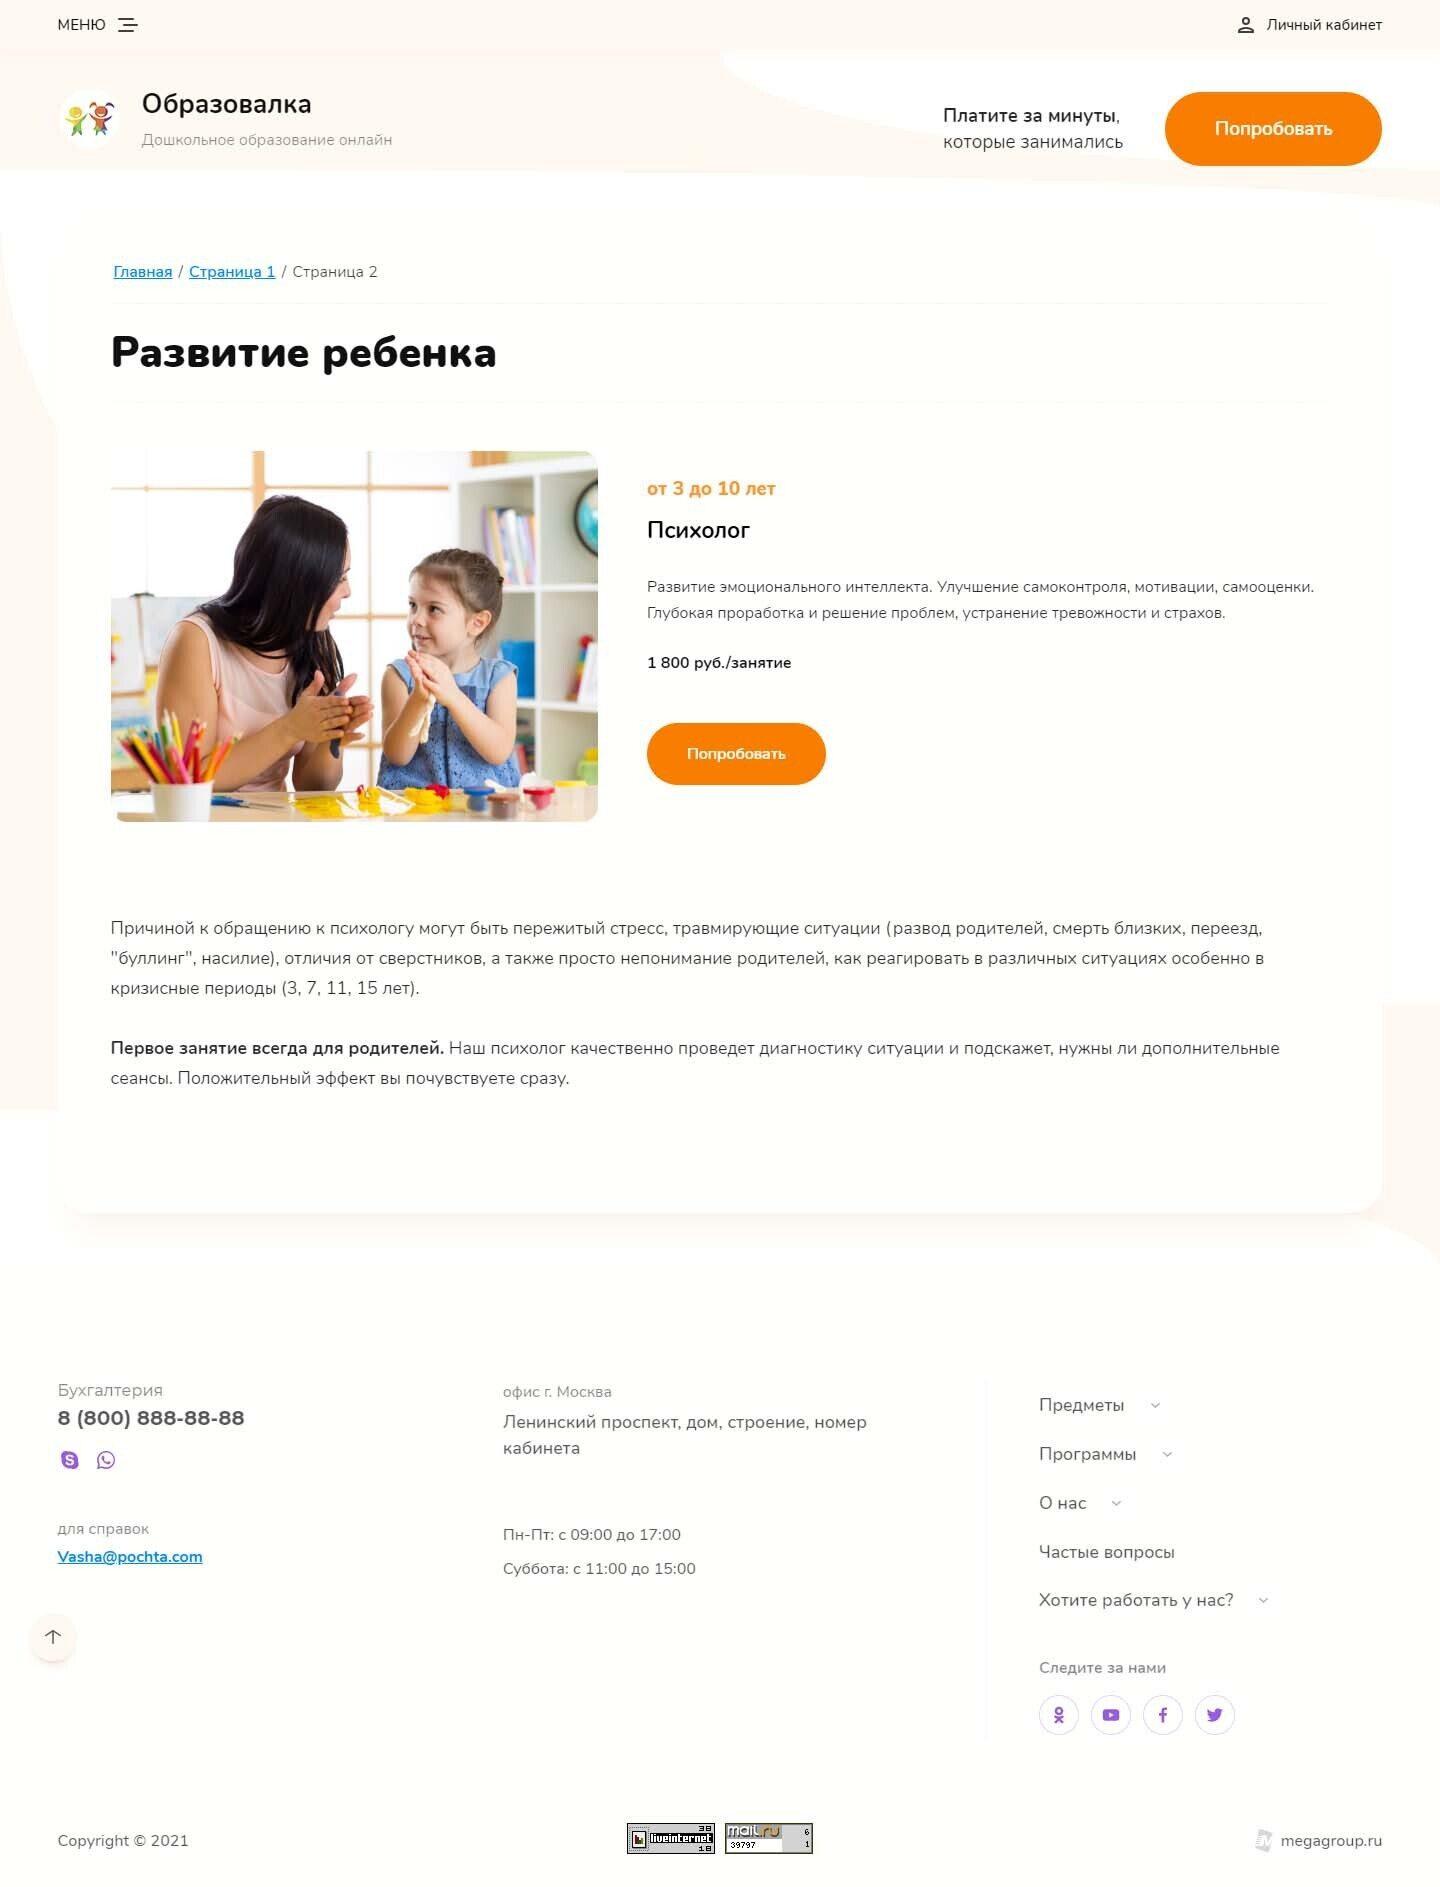 Готовый Сайт-Бизнес № 3011105 - Сайт центра дошкольного образования (Описание курса)